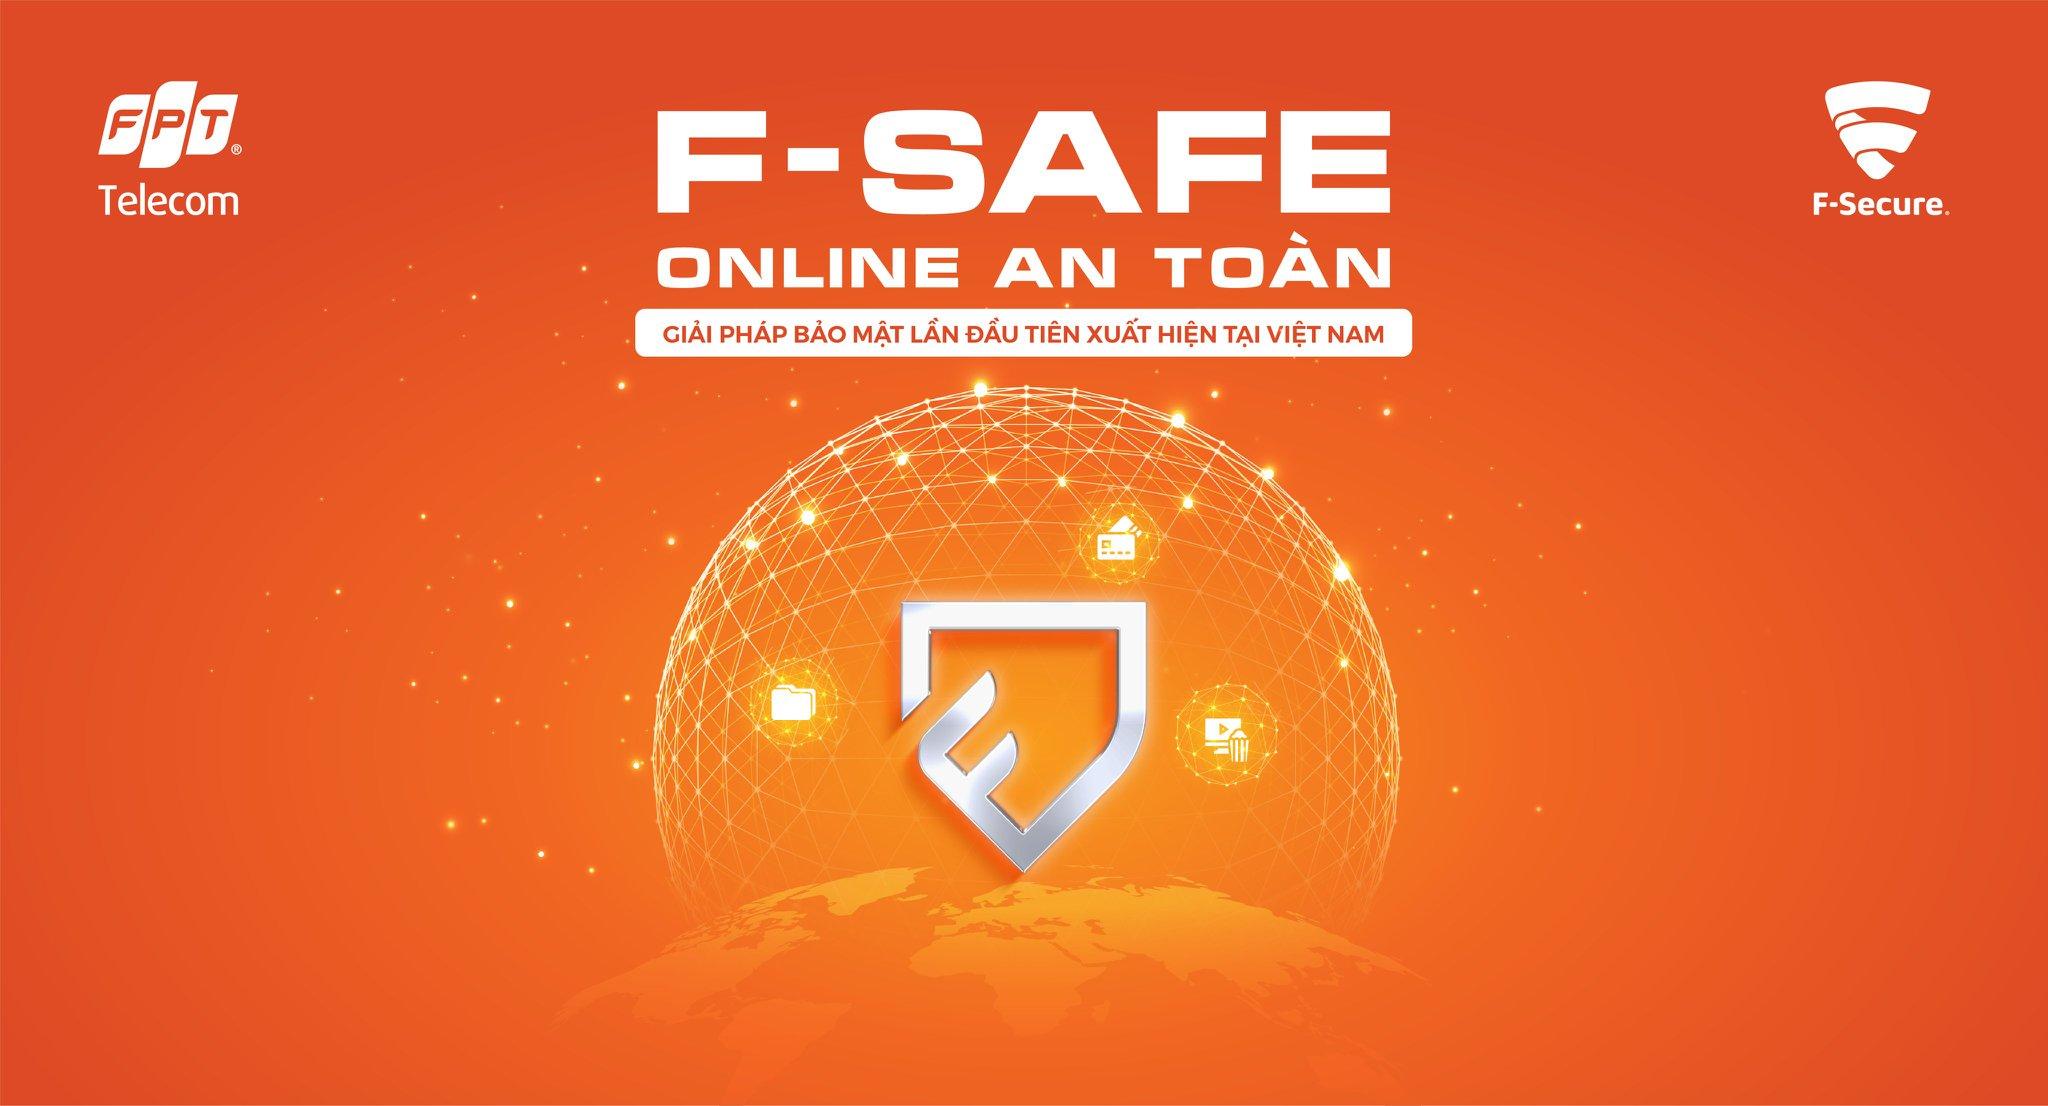 Nhận ngay 2 tháng F-safe miễn phí khi đăng ký gói Internet FPT, combo Internet và Truyền hình FPT